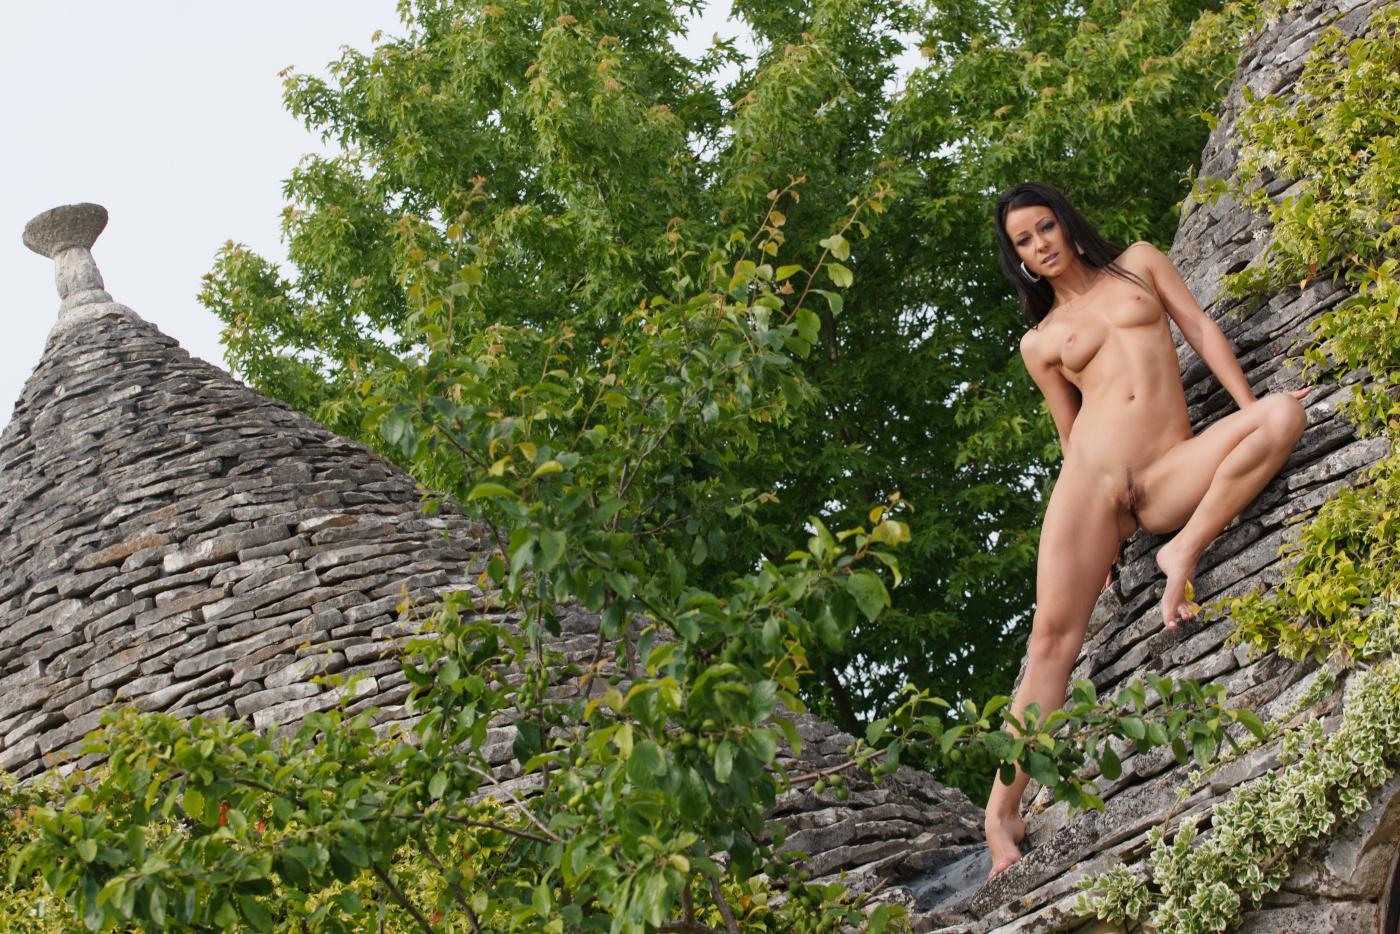 Беззастенчивая темноволосая модель Melissa Mendiny круто обнажилась на улице в эротической сессии